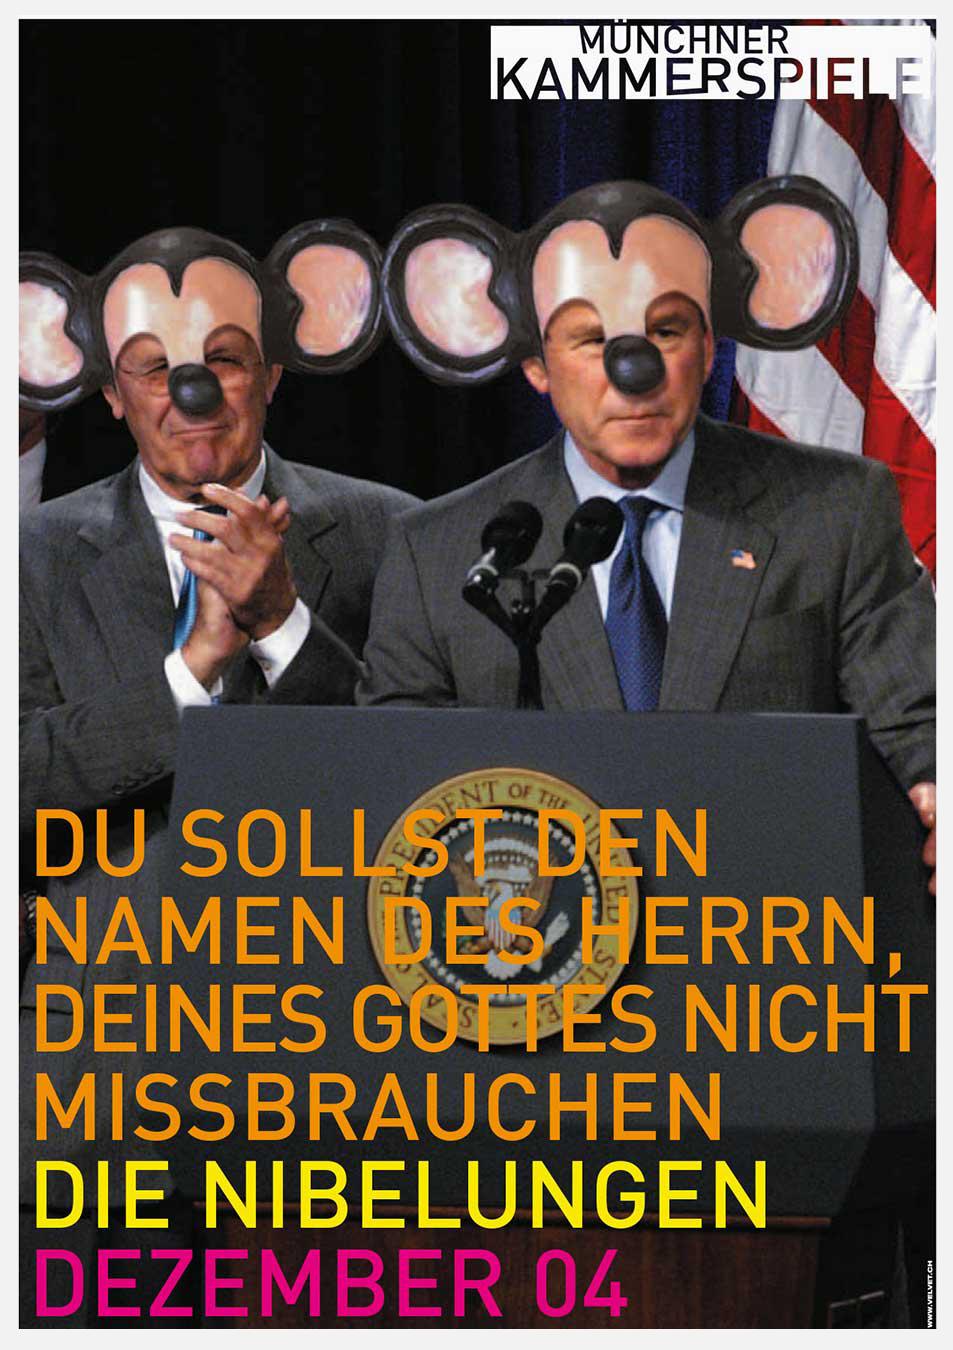 Münchner Kammerspiele Plakat 2004 Kampagne